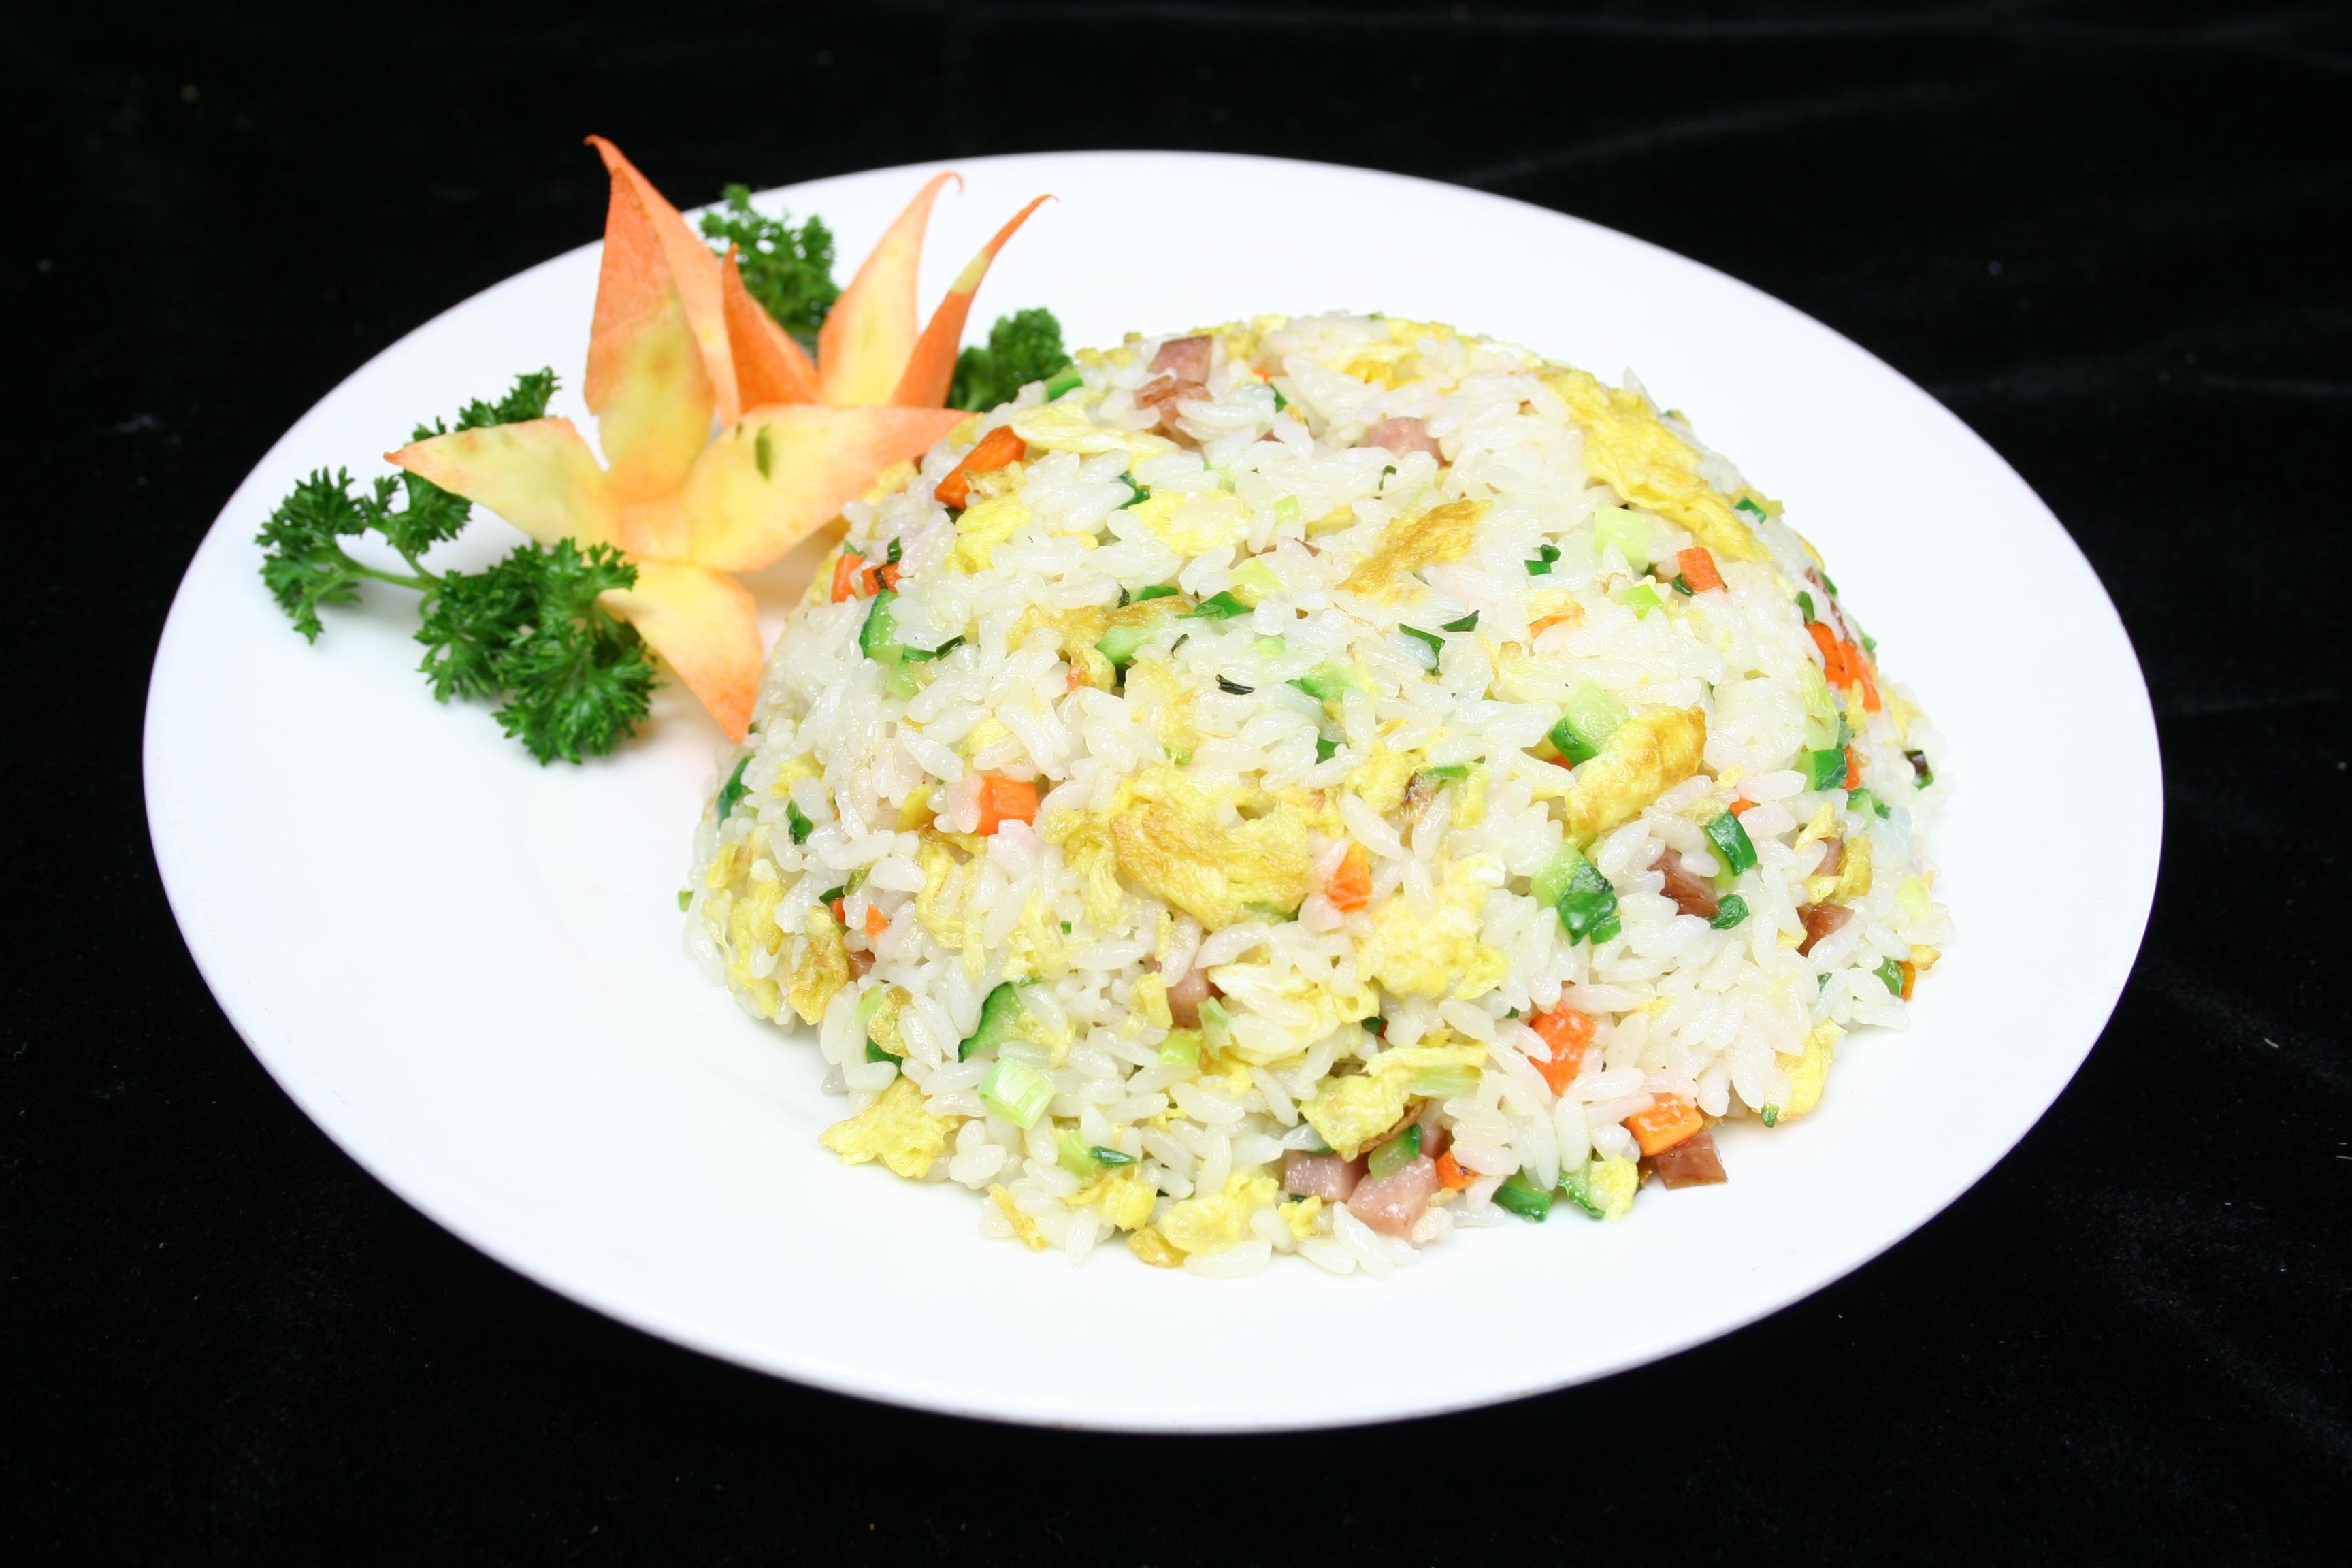 每日推荐六道美味炒菜:蛋炒饭